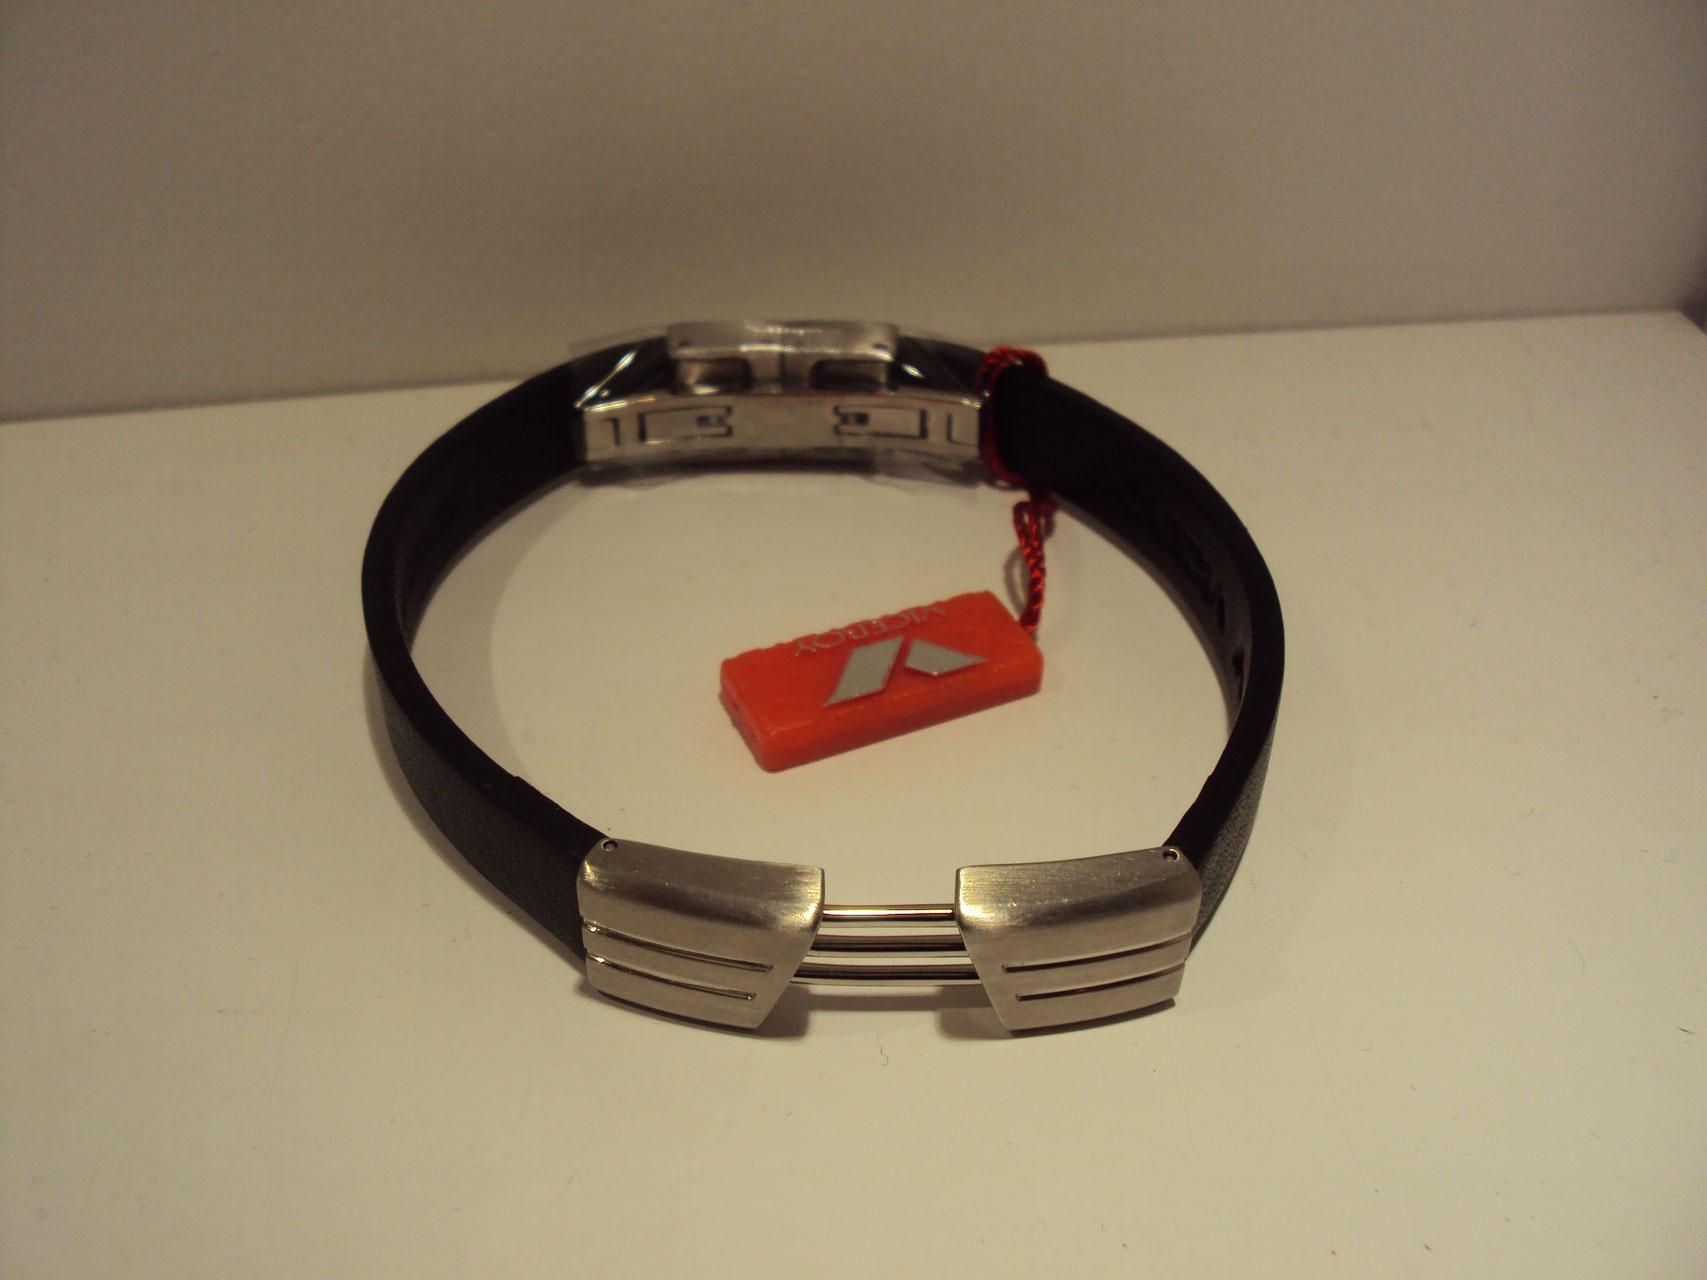 Pulsera de acero con correa negra,doble cierre de seguridad. 49€